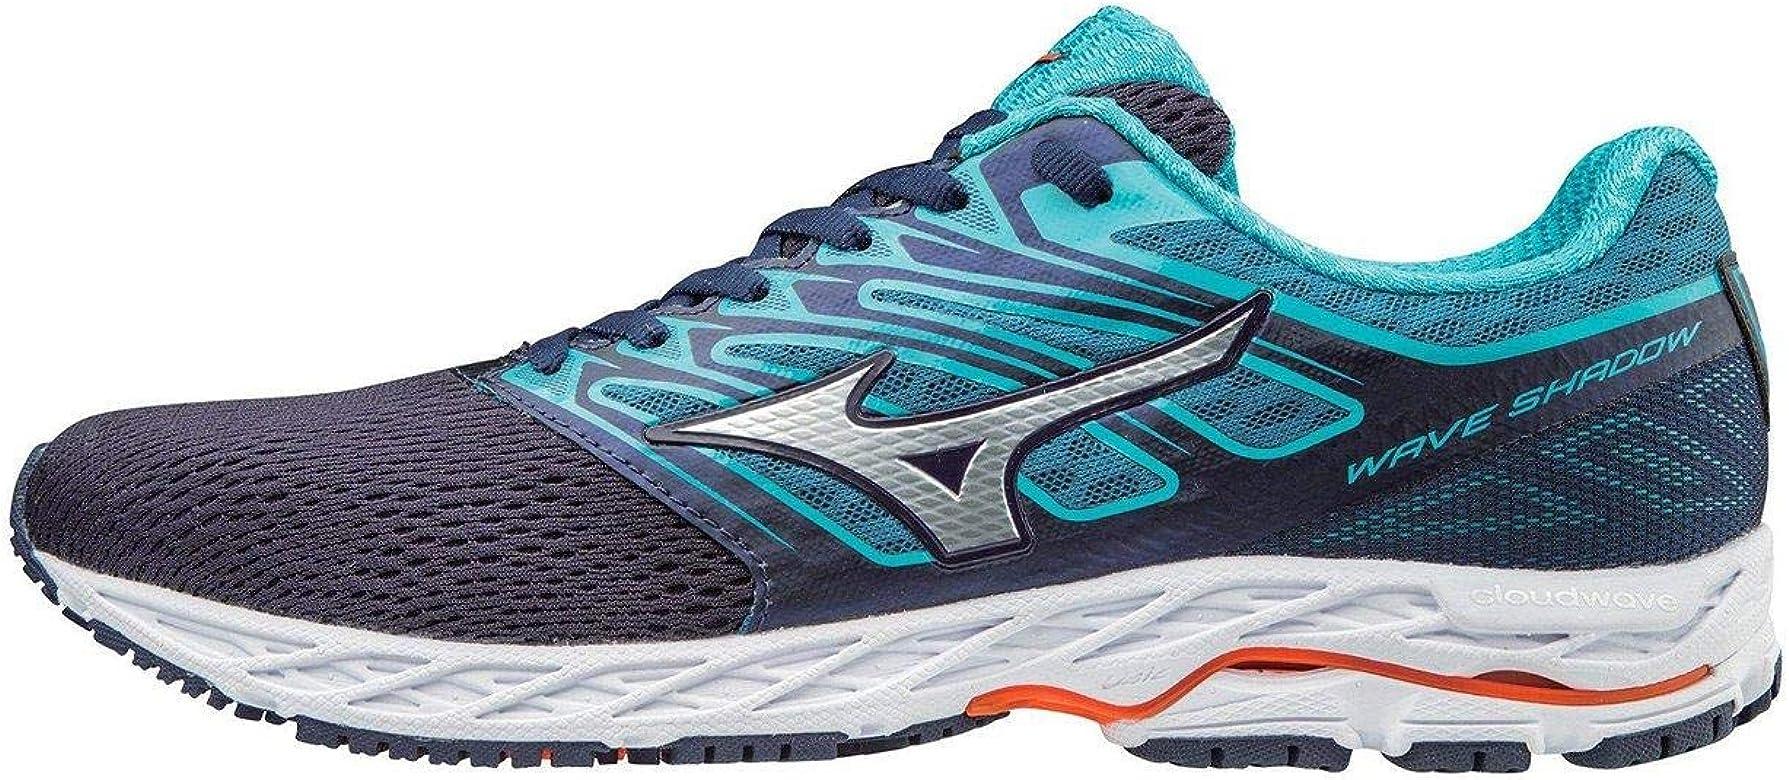 online store 21271 7c8d6 Running Men's Mizuno Wave Shadow Running-Shoes